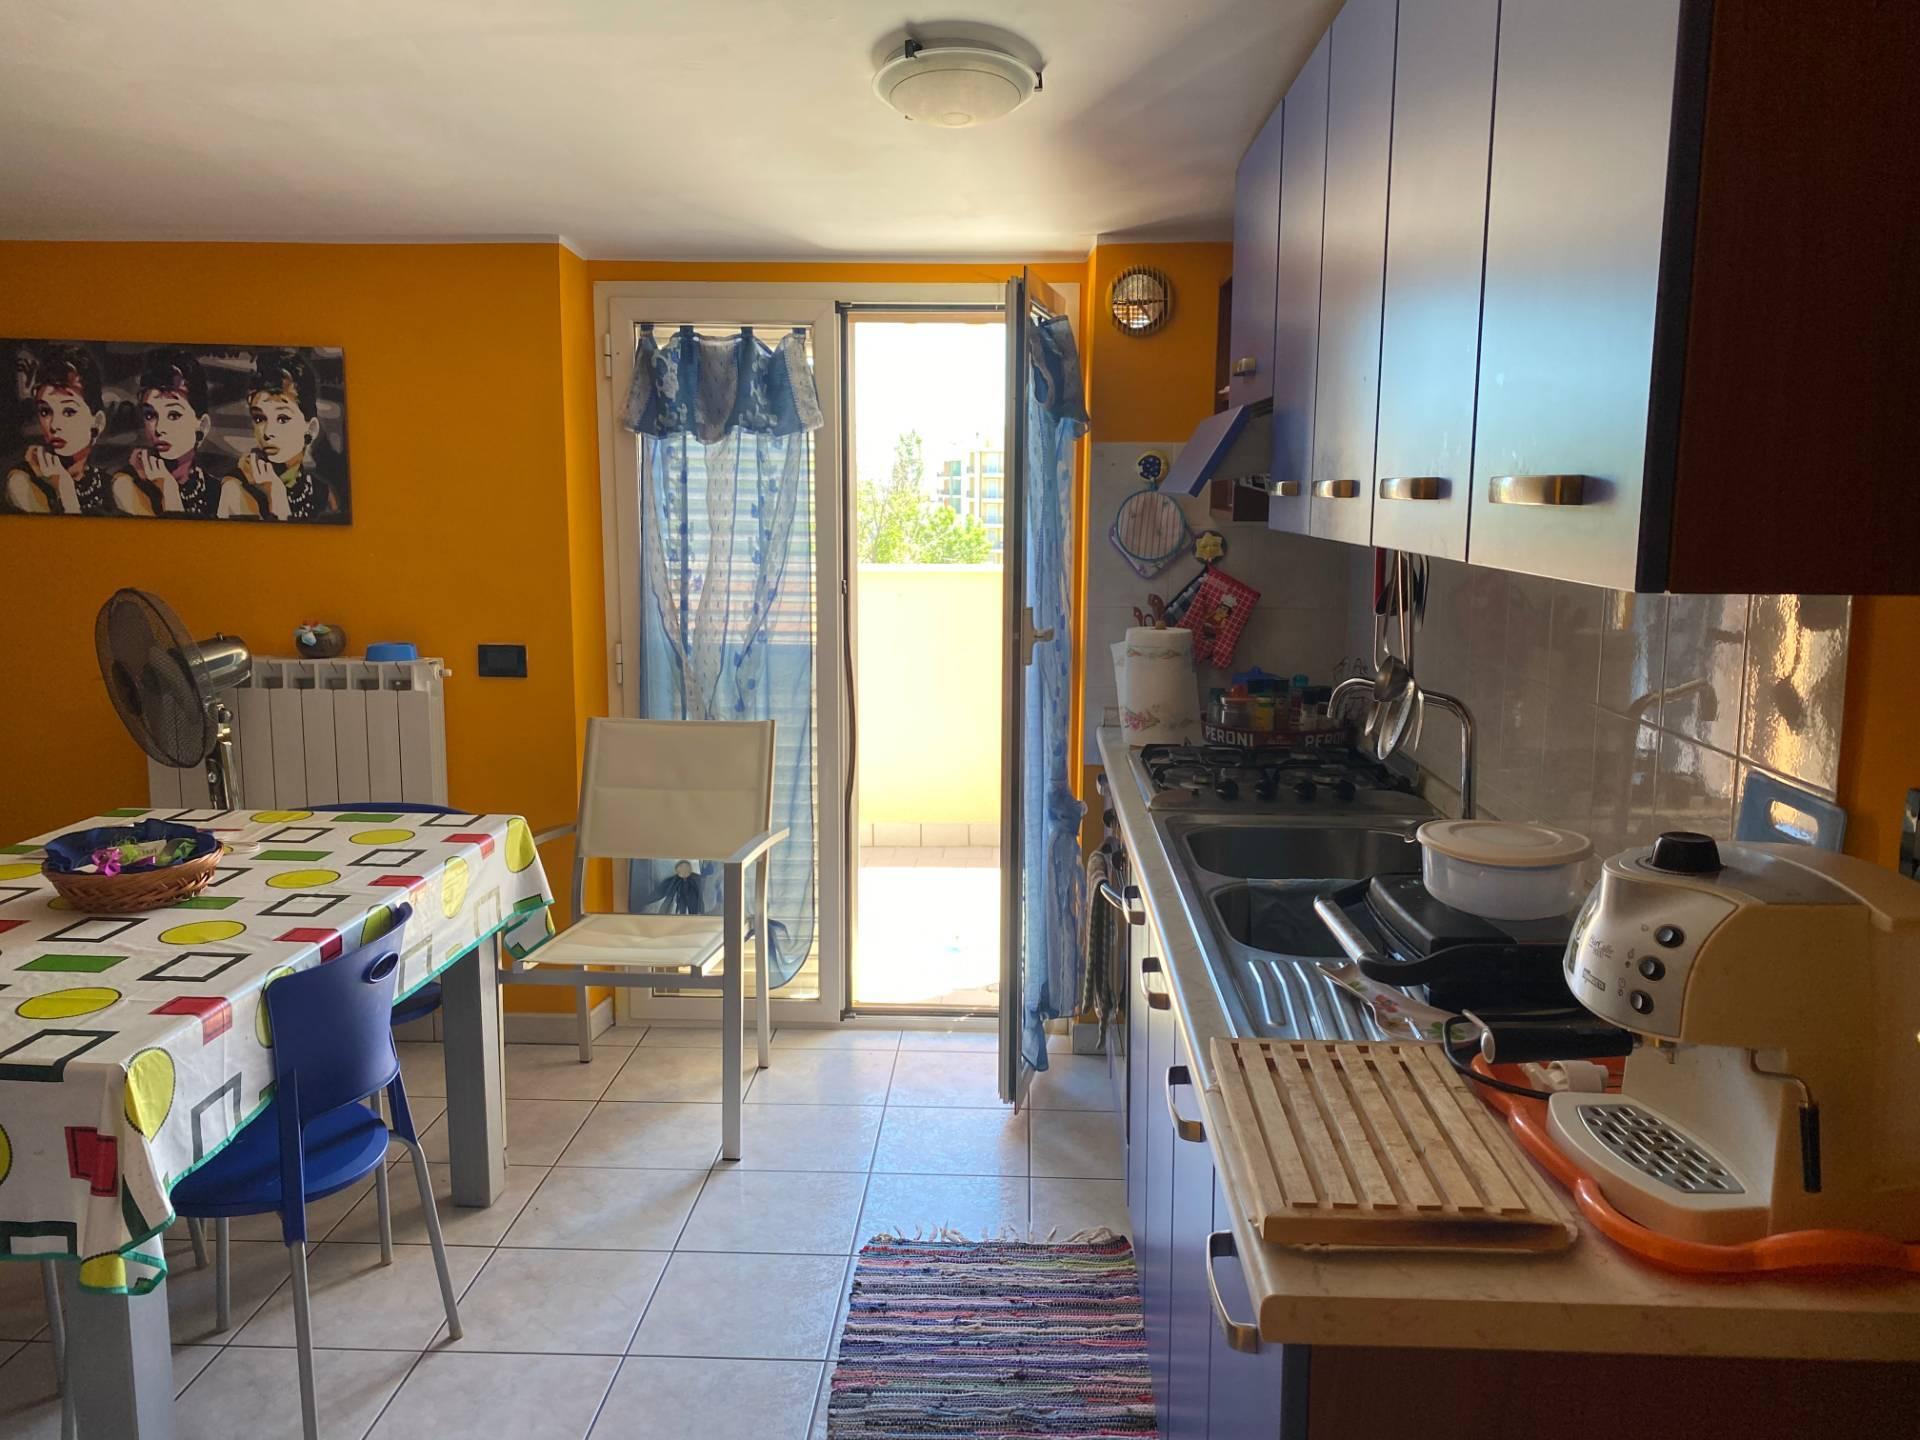 Appartamento in affitto a Alba Adriatica, 3 locali, zona Località: ZonaMare, prezzo € 400 | CambioCasa.it